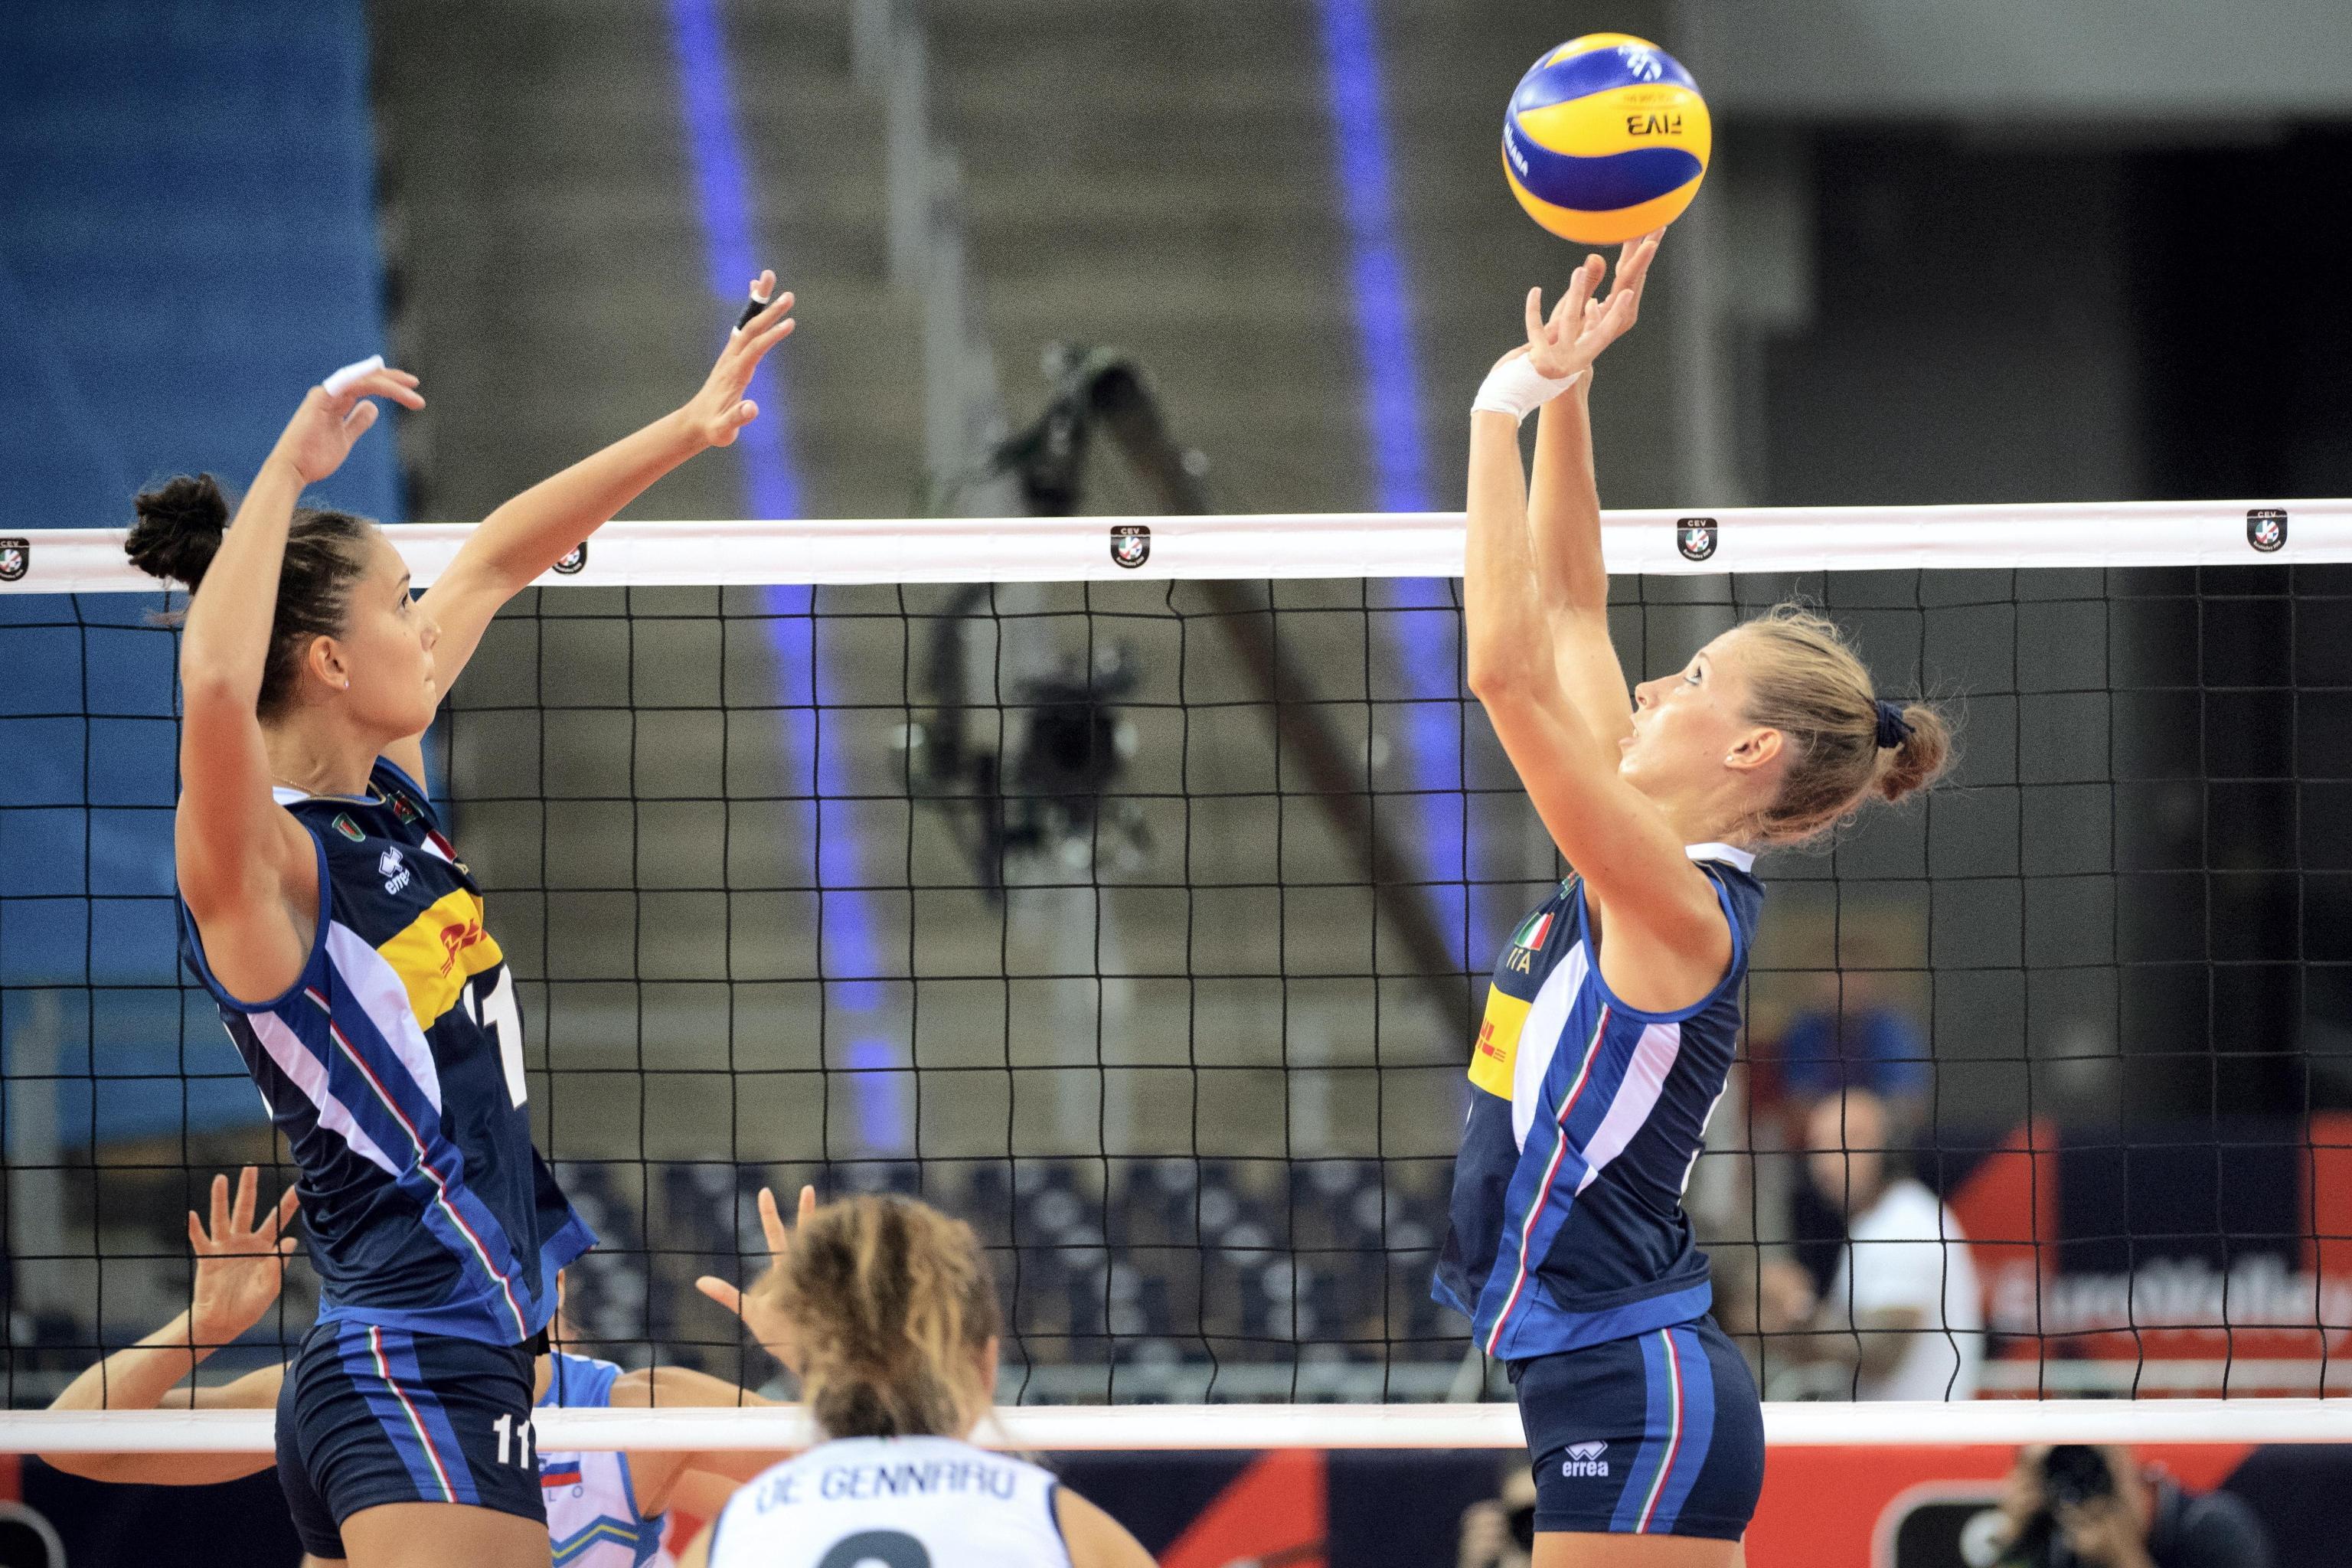 L'Italia trema solo per un set, ma si conferma ancora una volta implacabile agli Europei femminili di volley. Le ragazze di coach Mazzanti trovano la quarta vittoria su quattro, tutte arrivate per 3-0. Con lo stesso punteggio cade anche la Slovenia, che tiene botta per un set e poi crolla sotto un roboante 27-25, 25-8, 25-17. Tra le migliori per l'intera partita la capitana Cristina Chirichella, inarrestabile da metà partita Paola Egonu.